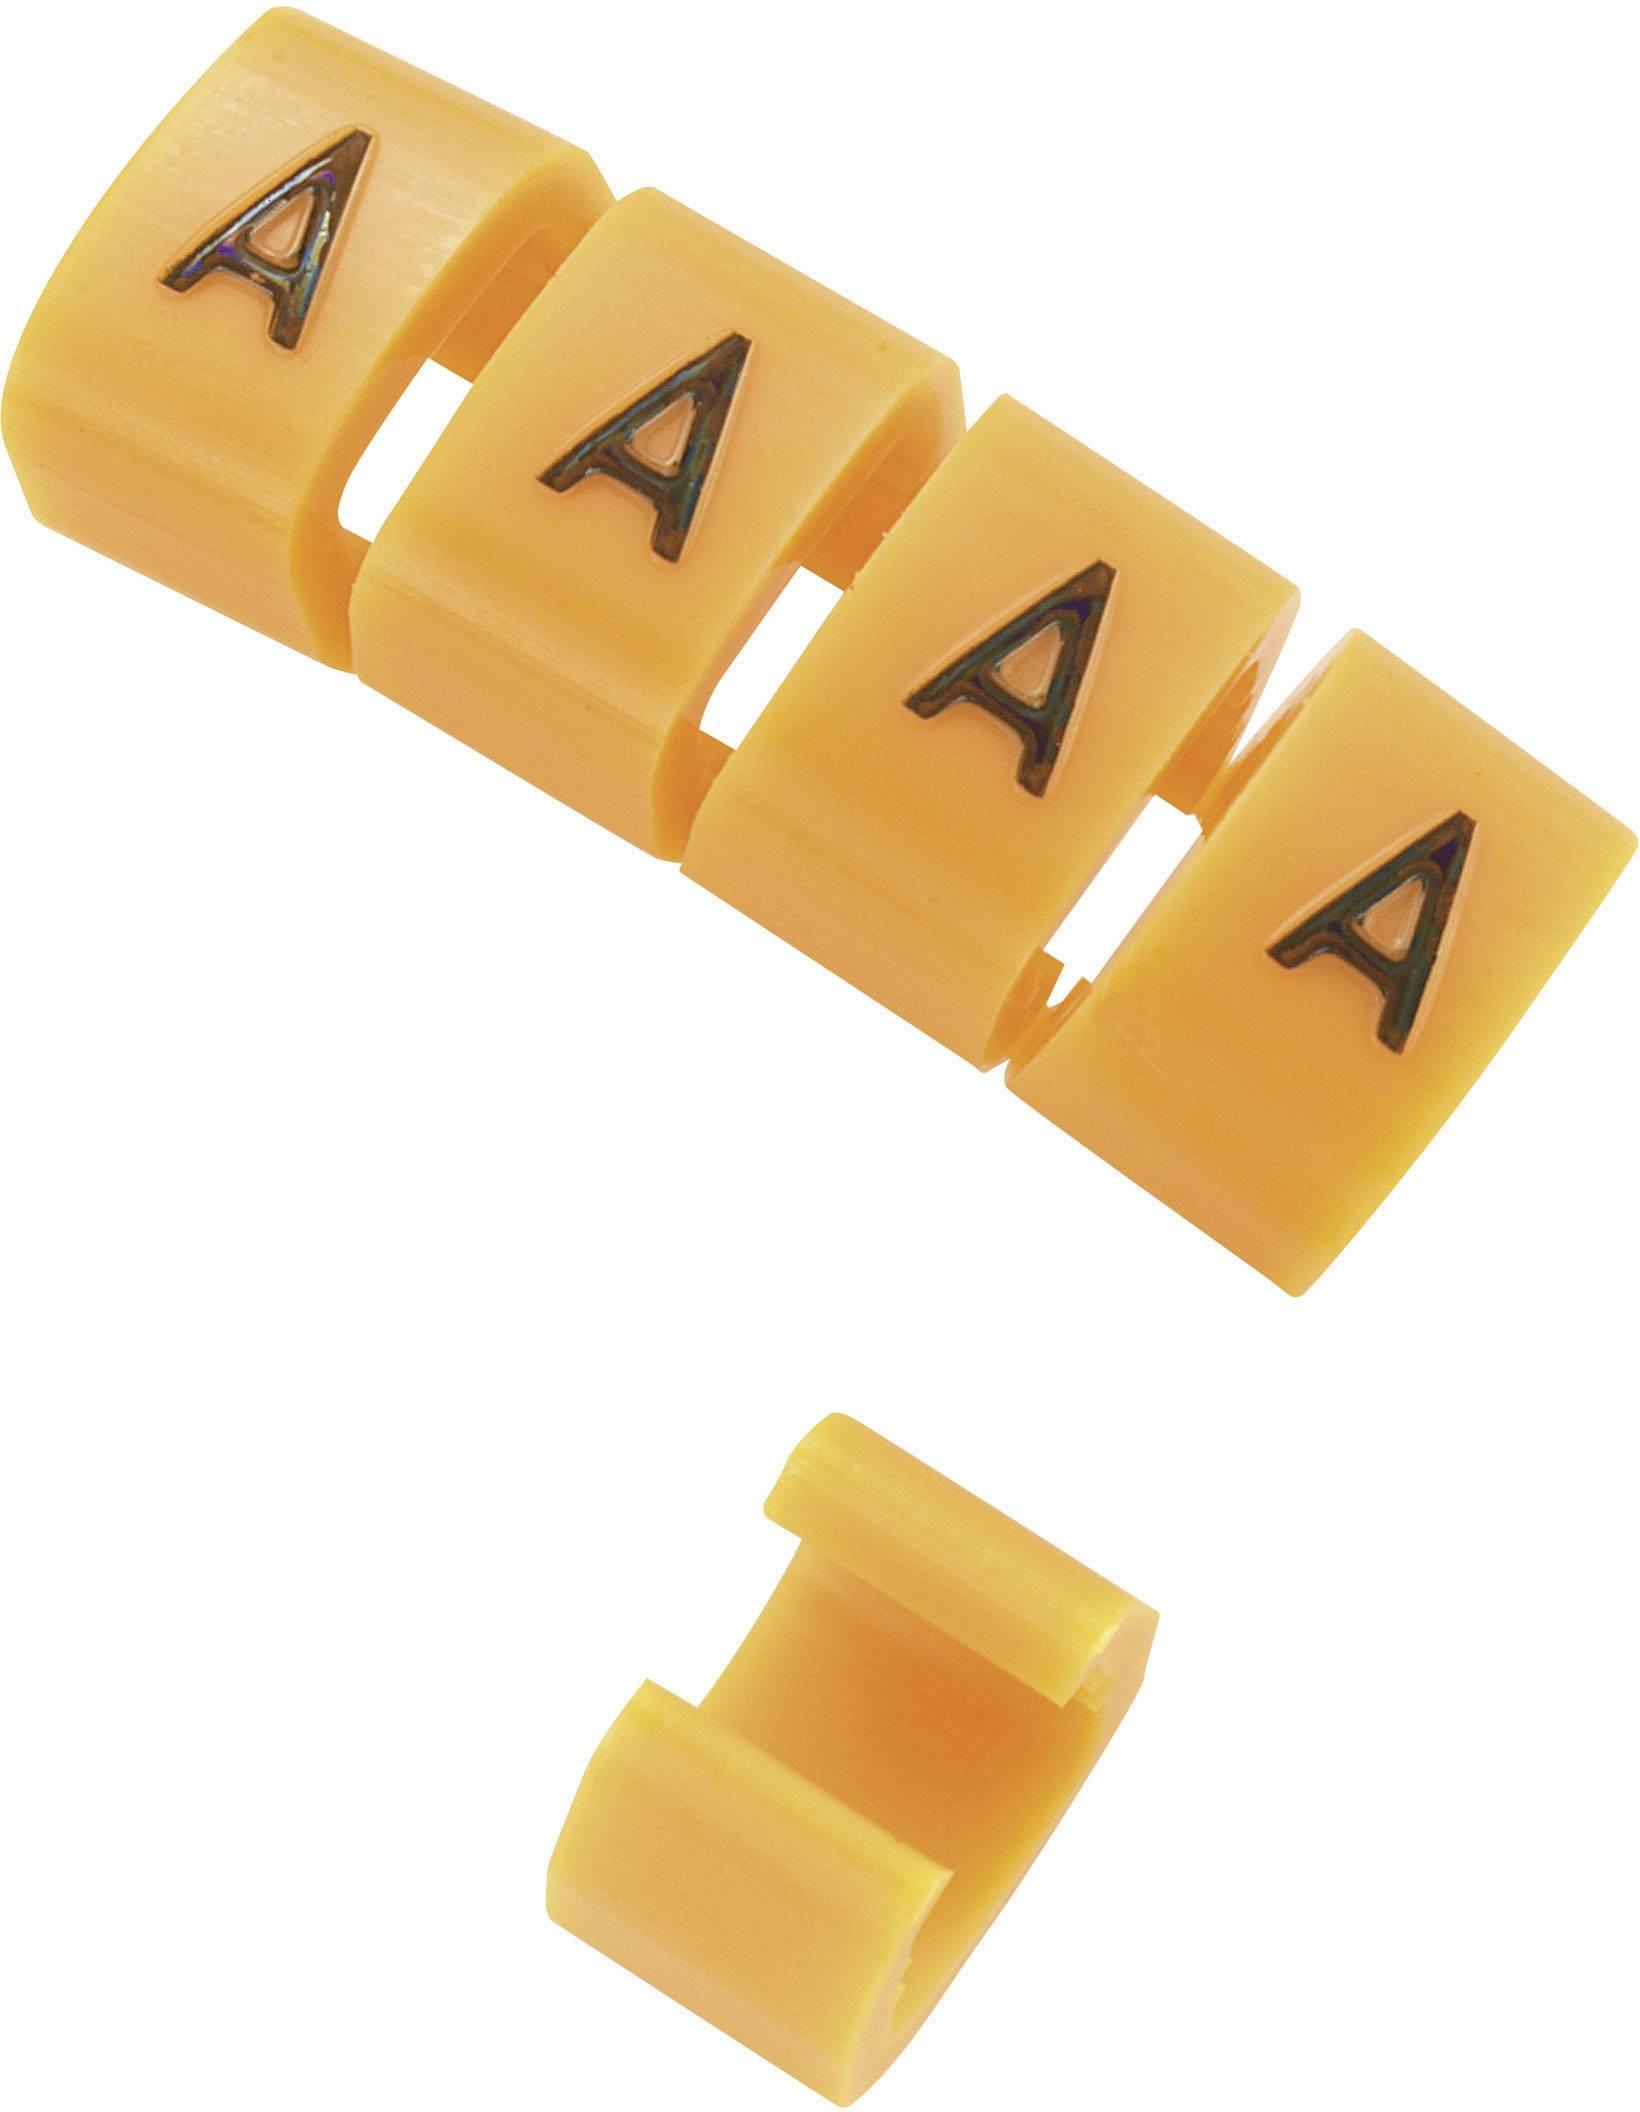 Označovacie objímka na káble KSS MB1/D, oranžová, 10 ks